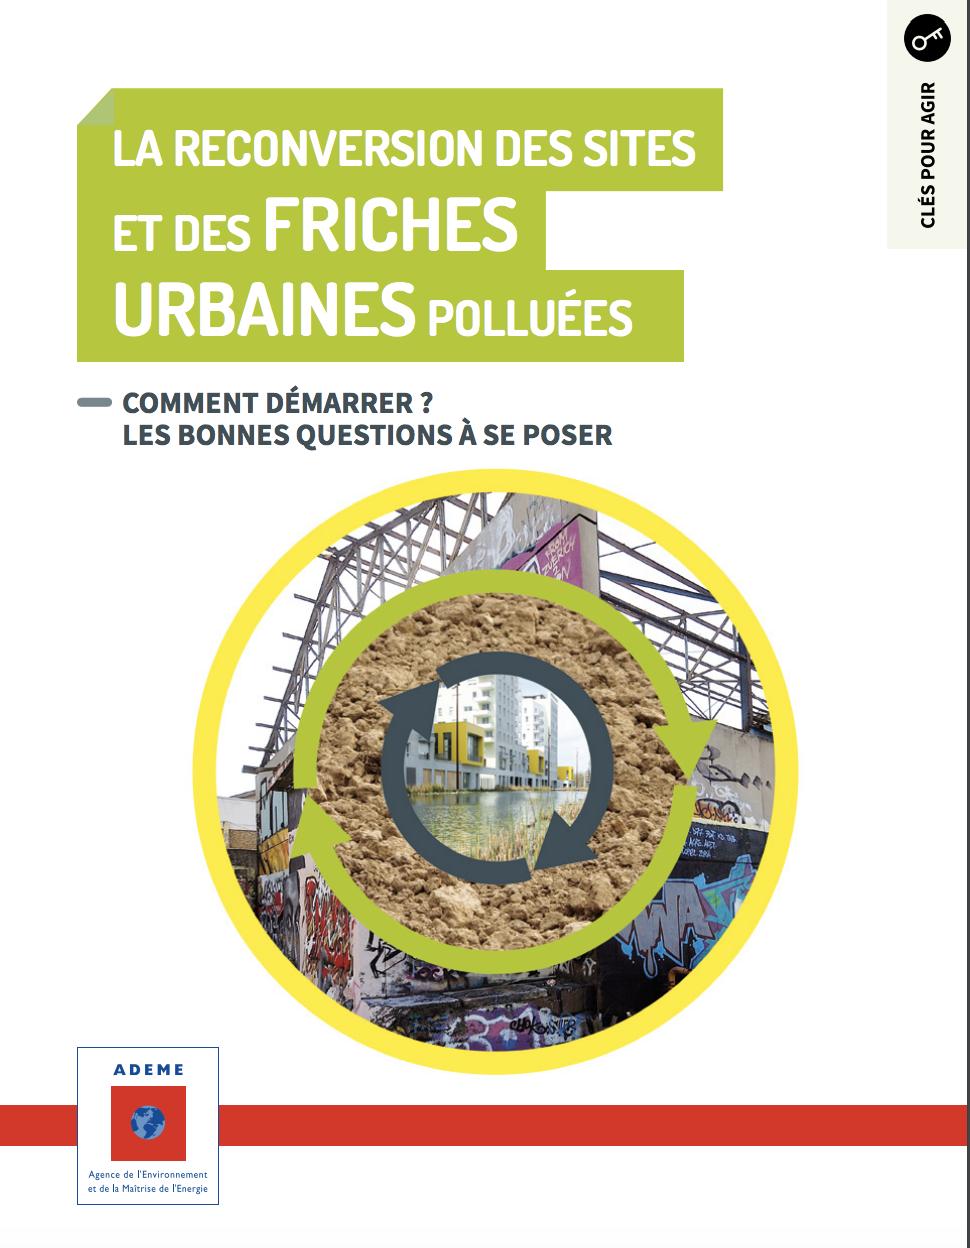 La reconversion des sites et des friches urbaines polluées -Comment démarrer ? Les bonnes questions à se poser - ADEME - 2018